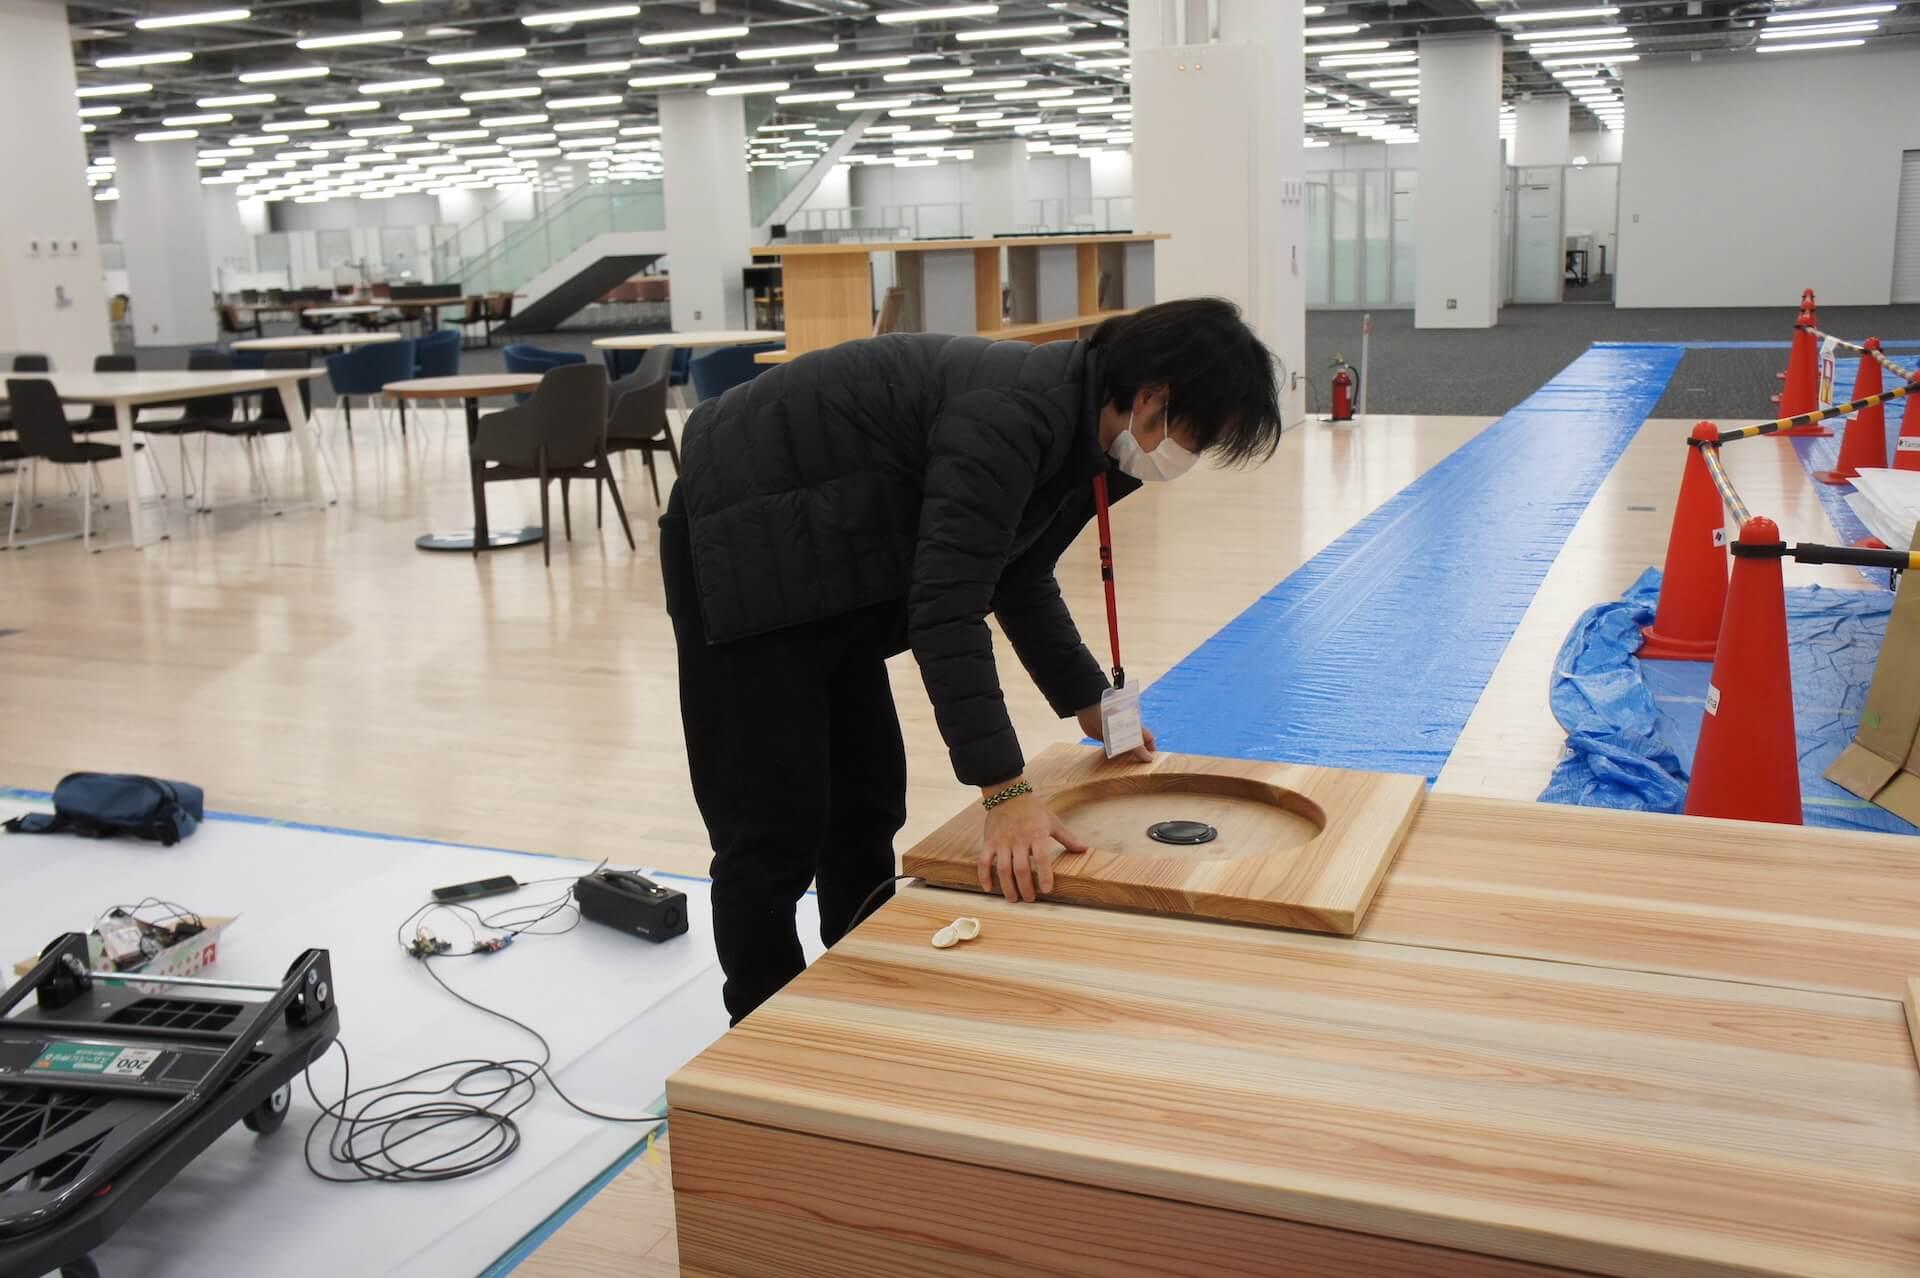 千葉県・市川市の空間演出を手がけるサウンドアーティスト・及川潤耶のインタビュー動画が公開|独占インタビューも到着 art210629_junya-oikawa-05